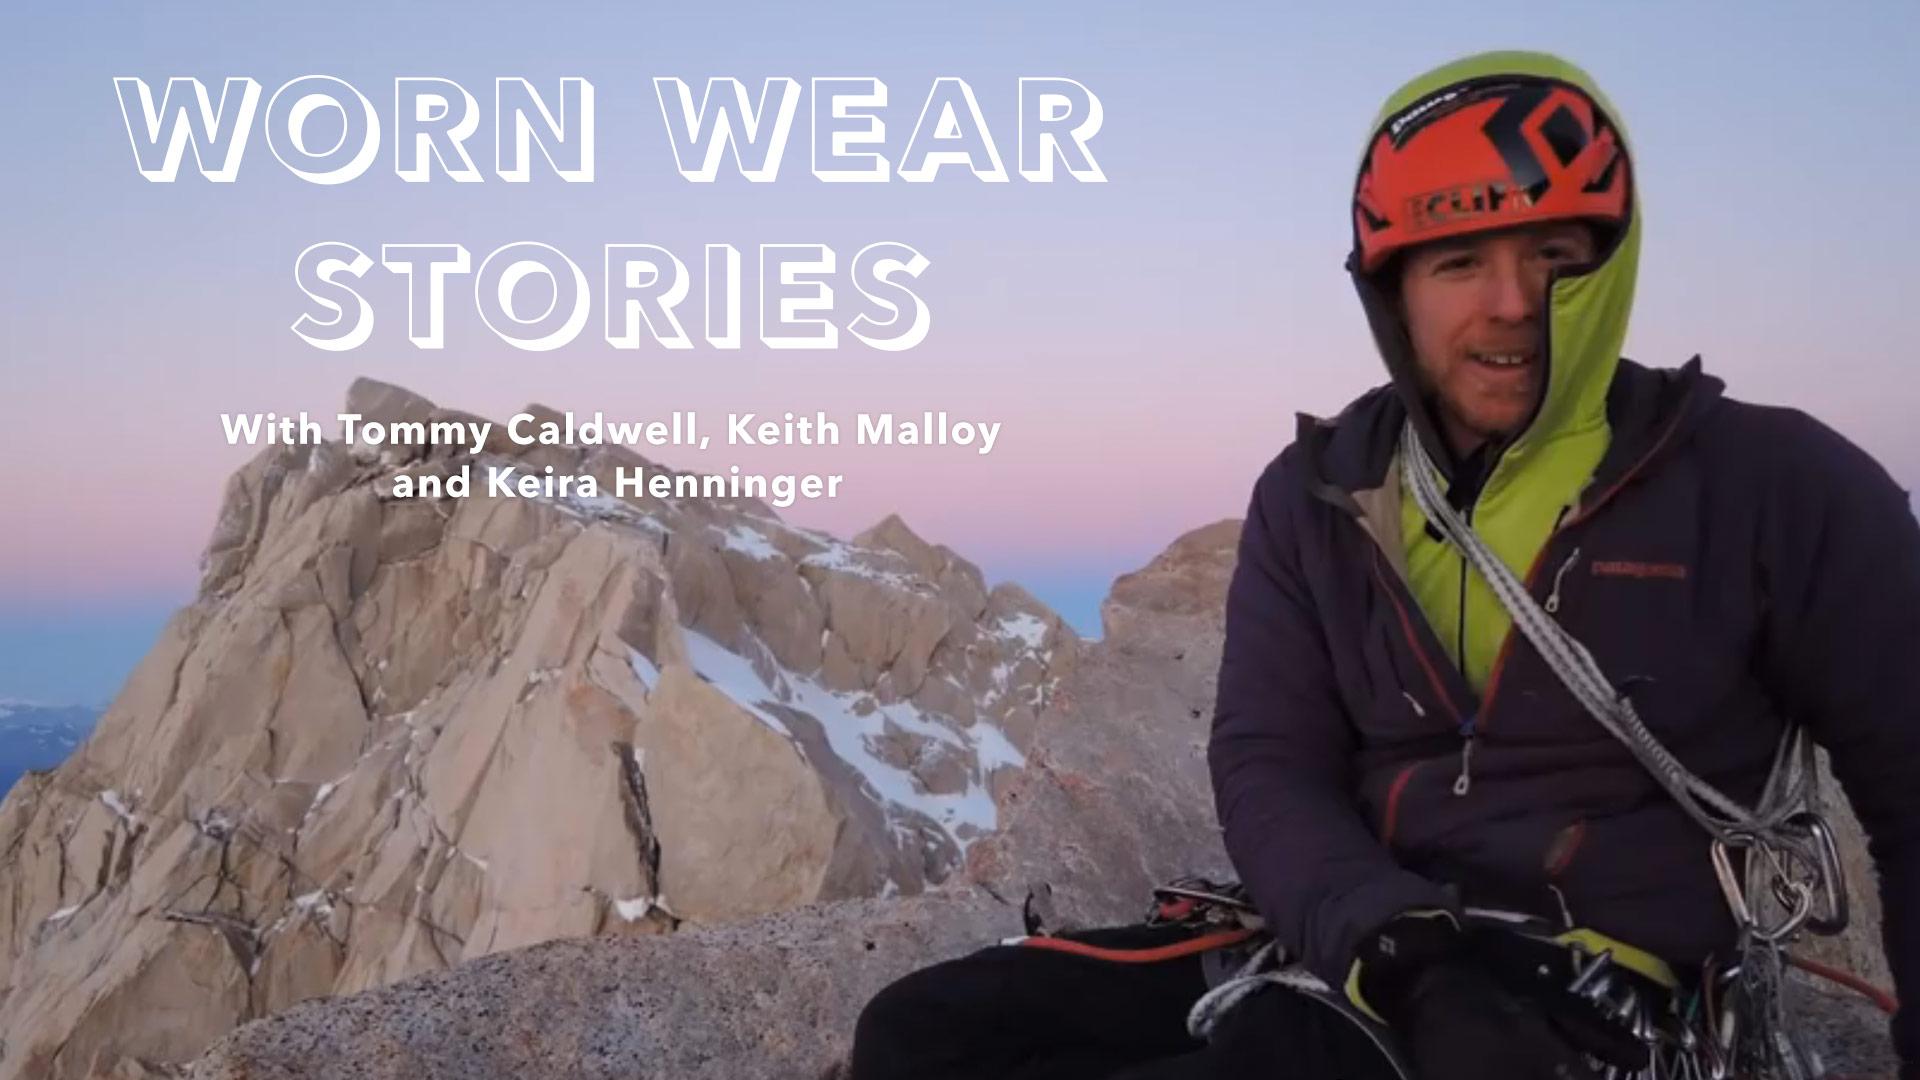 Watch Worn Wear Stories